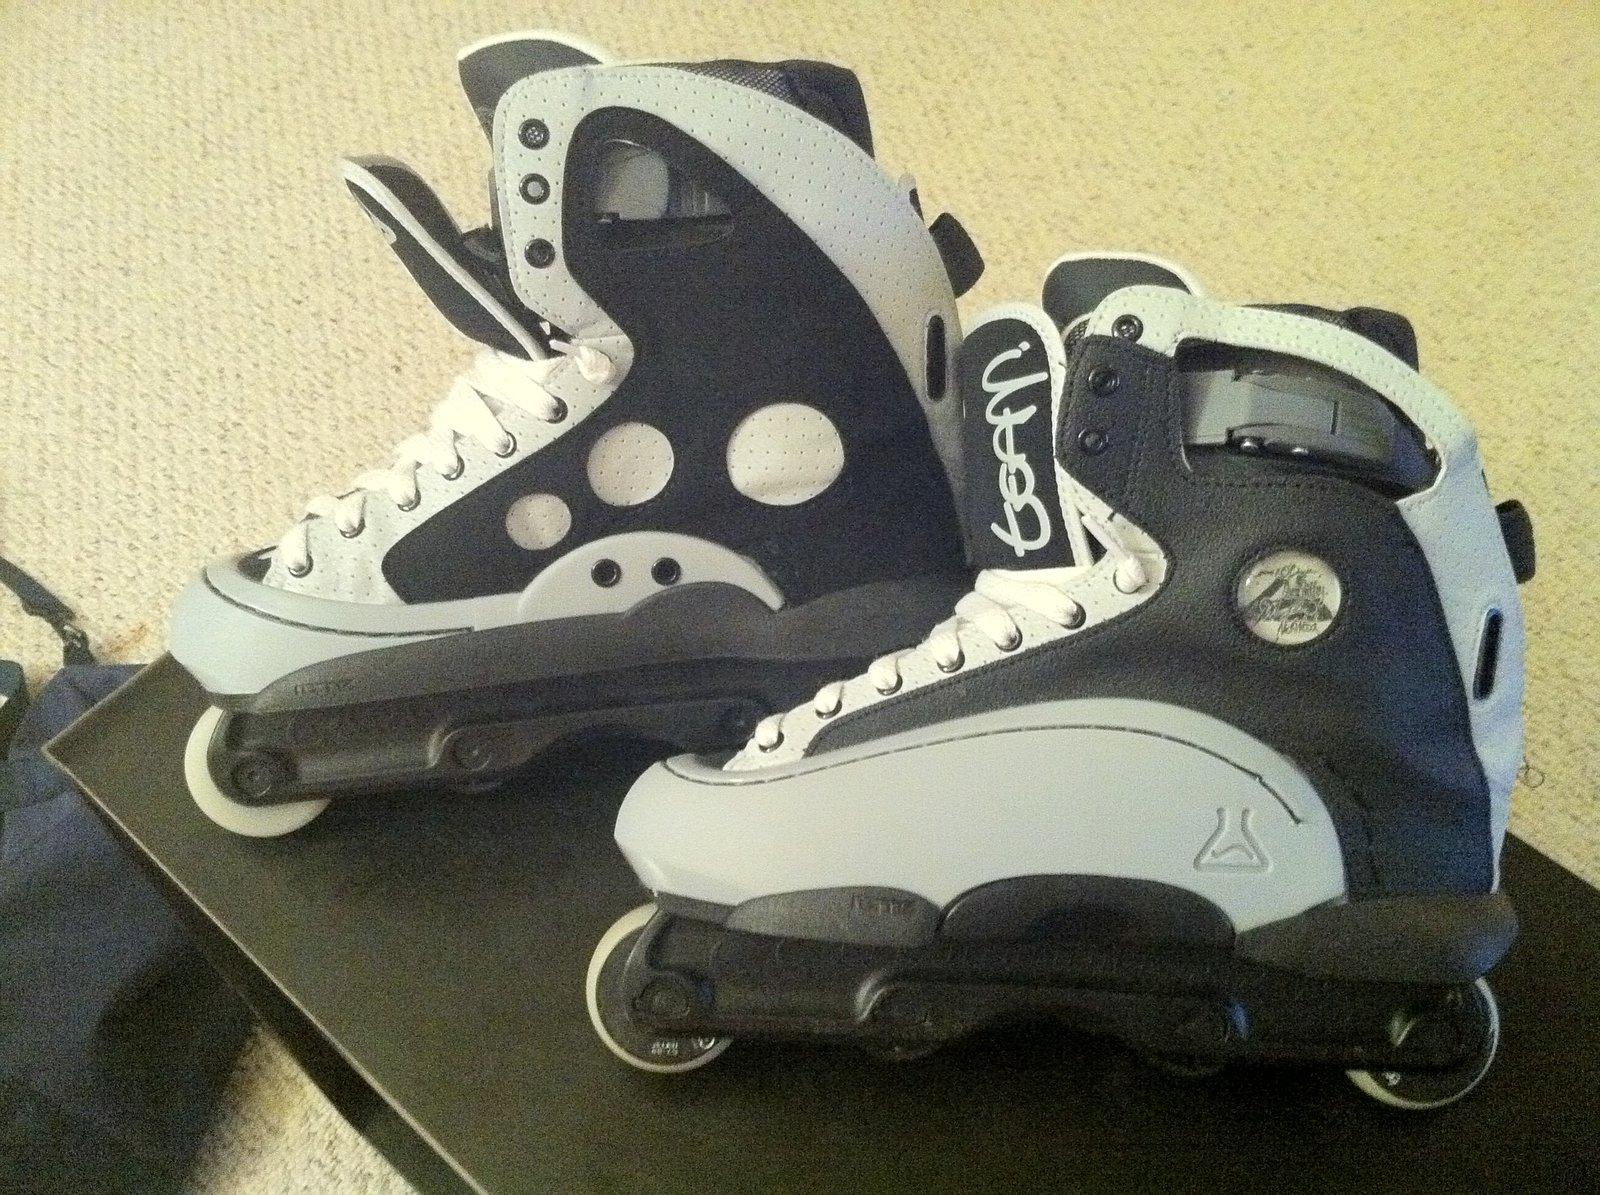 Remz 08 three skates size 8